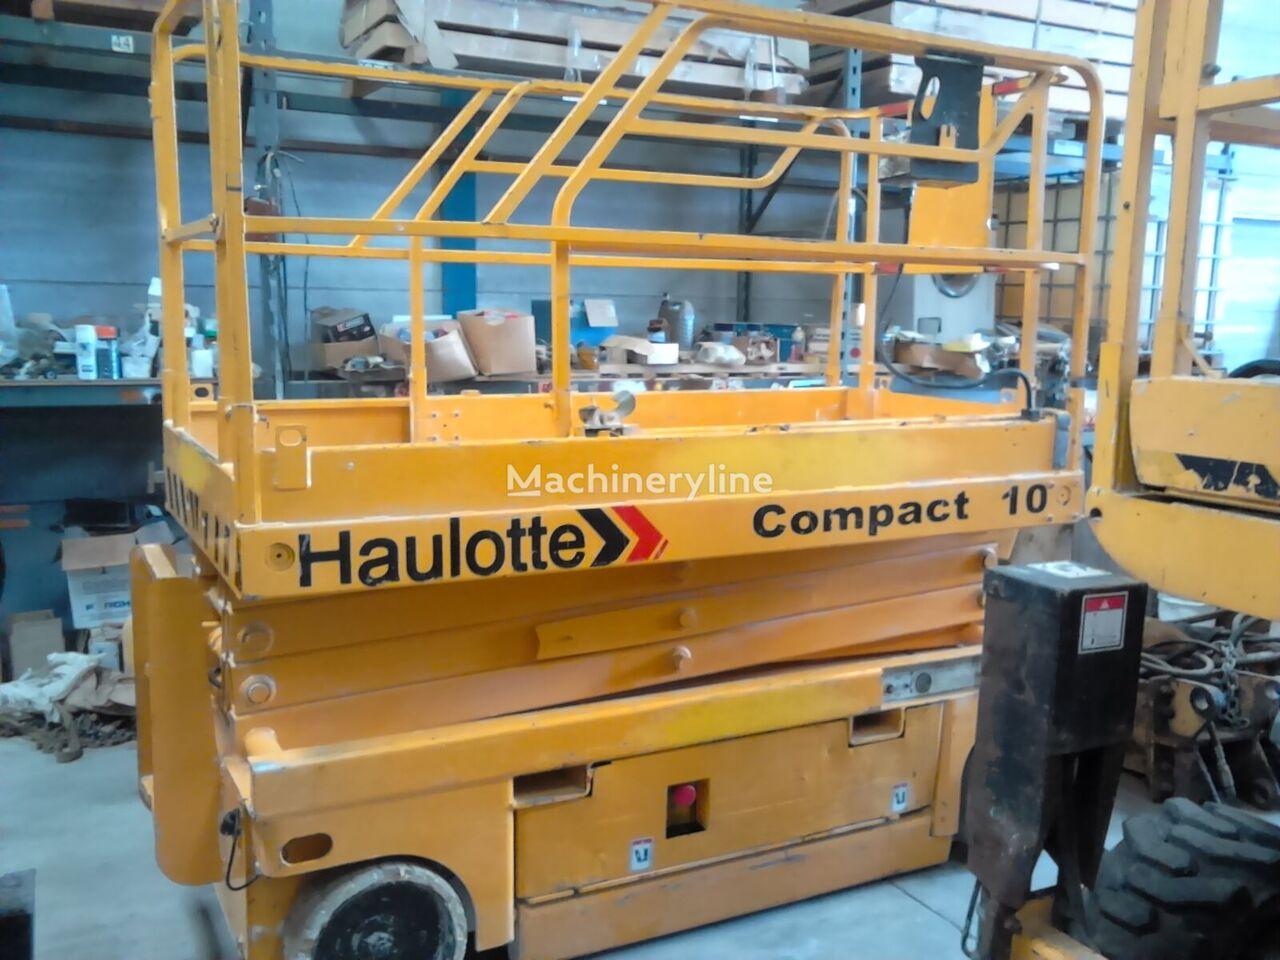 HAULOTTE Compact 10 scissor lift